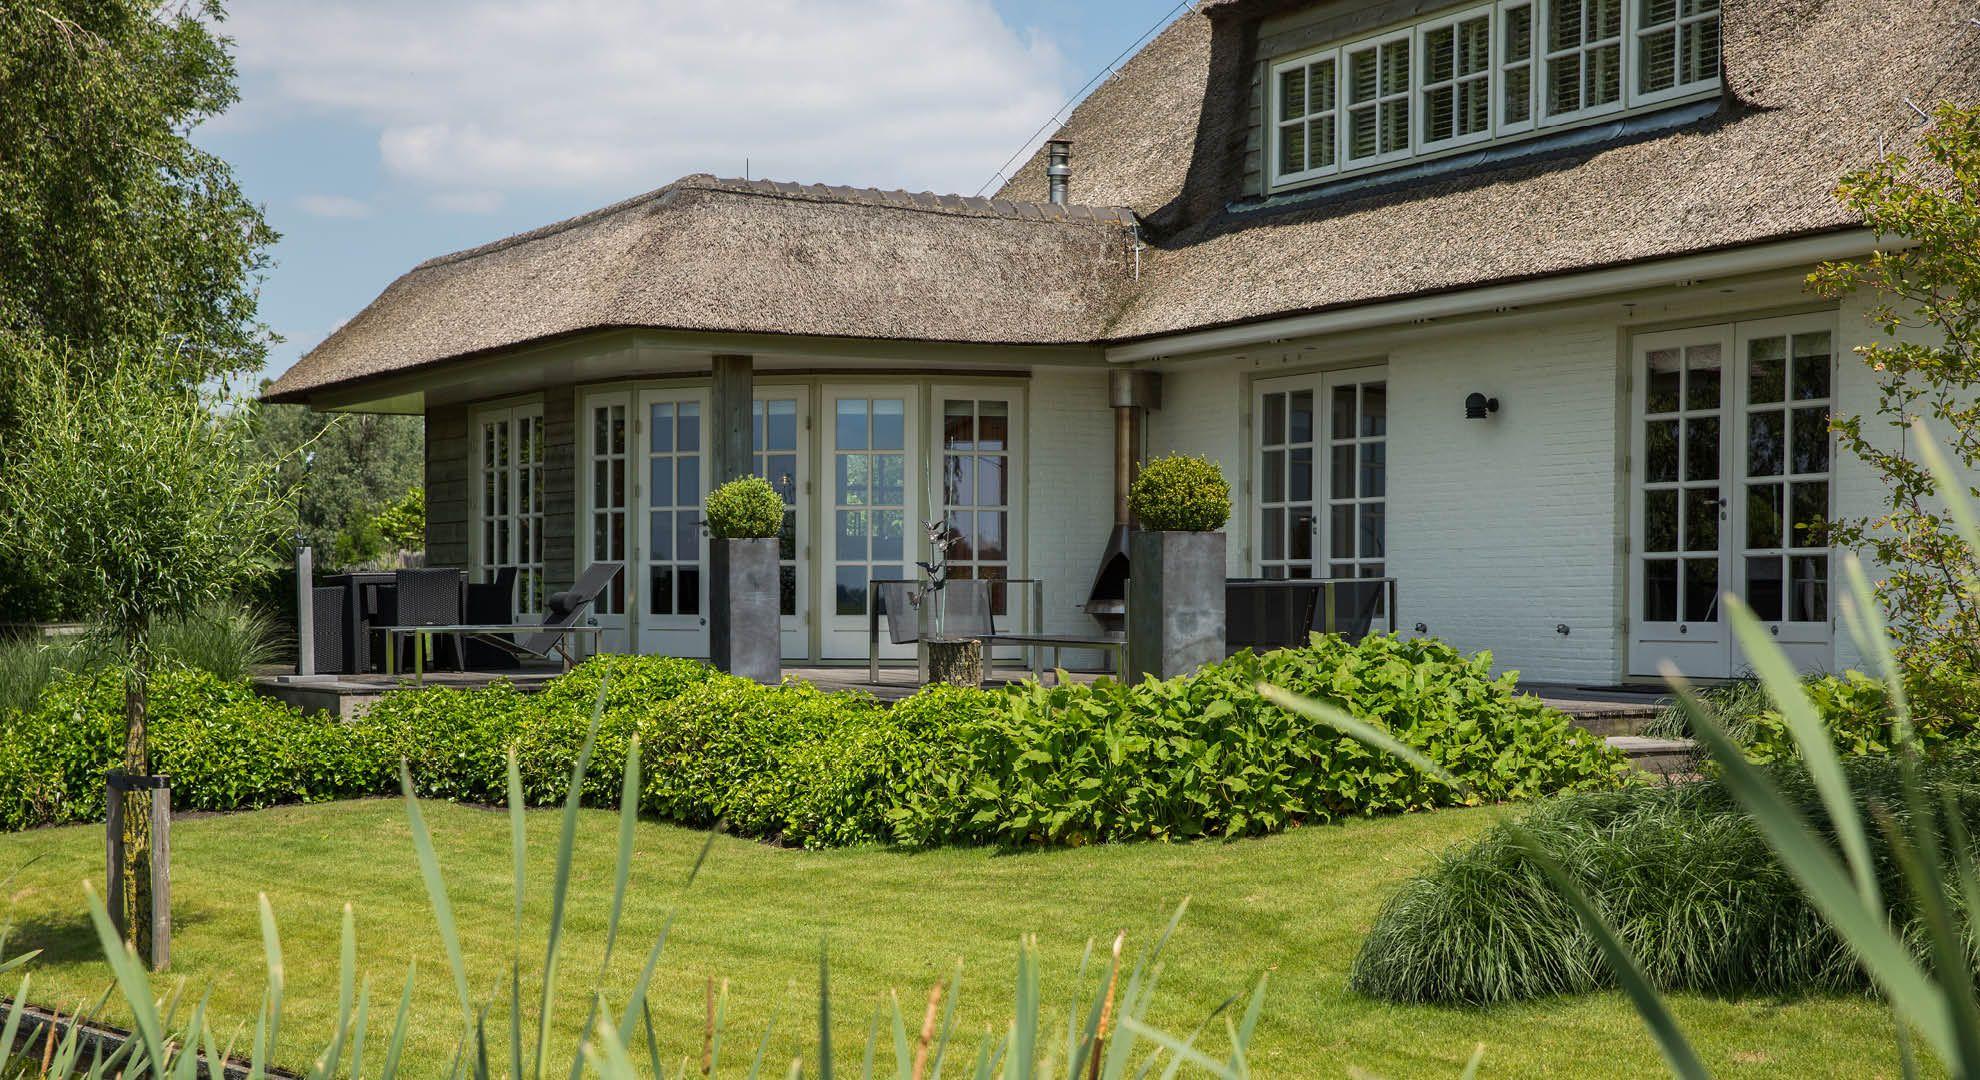 Rodenburg tuinen: villatuin in de polder met uitzicht op sloten en